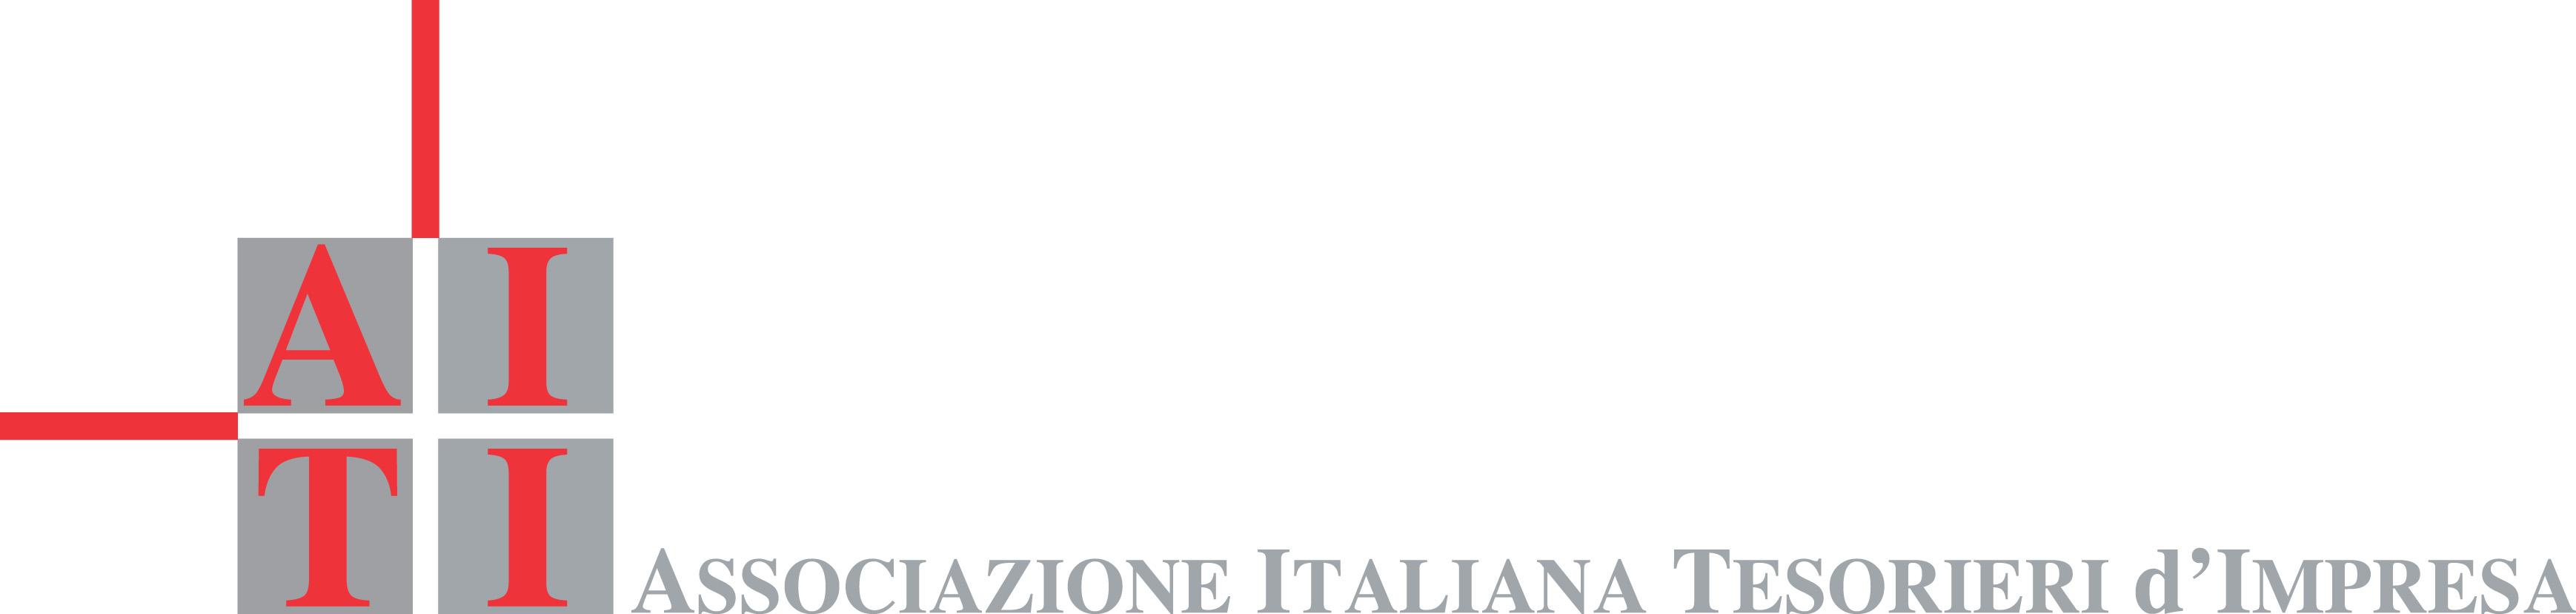 AITI - Associazione Italiana Tesorieri d'Impresa